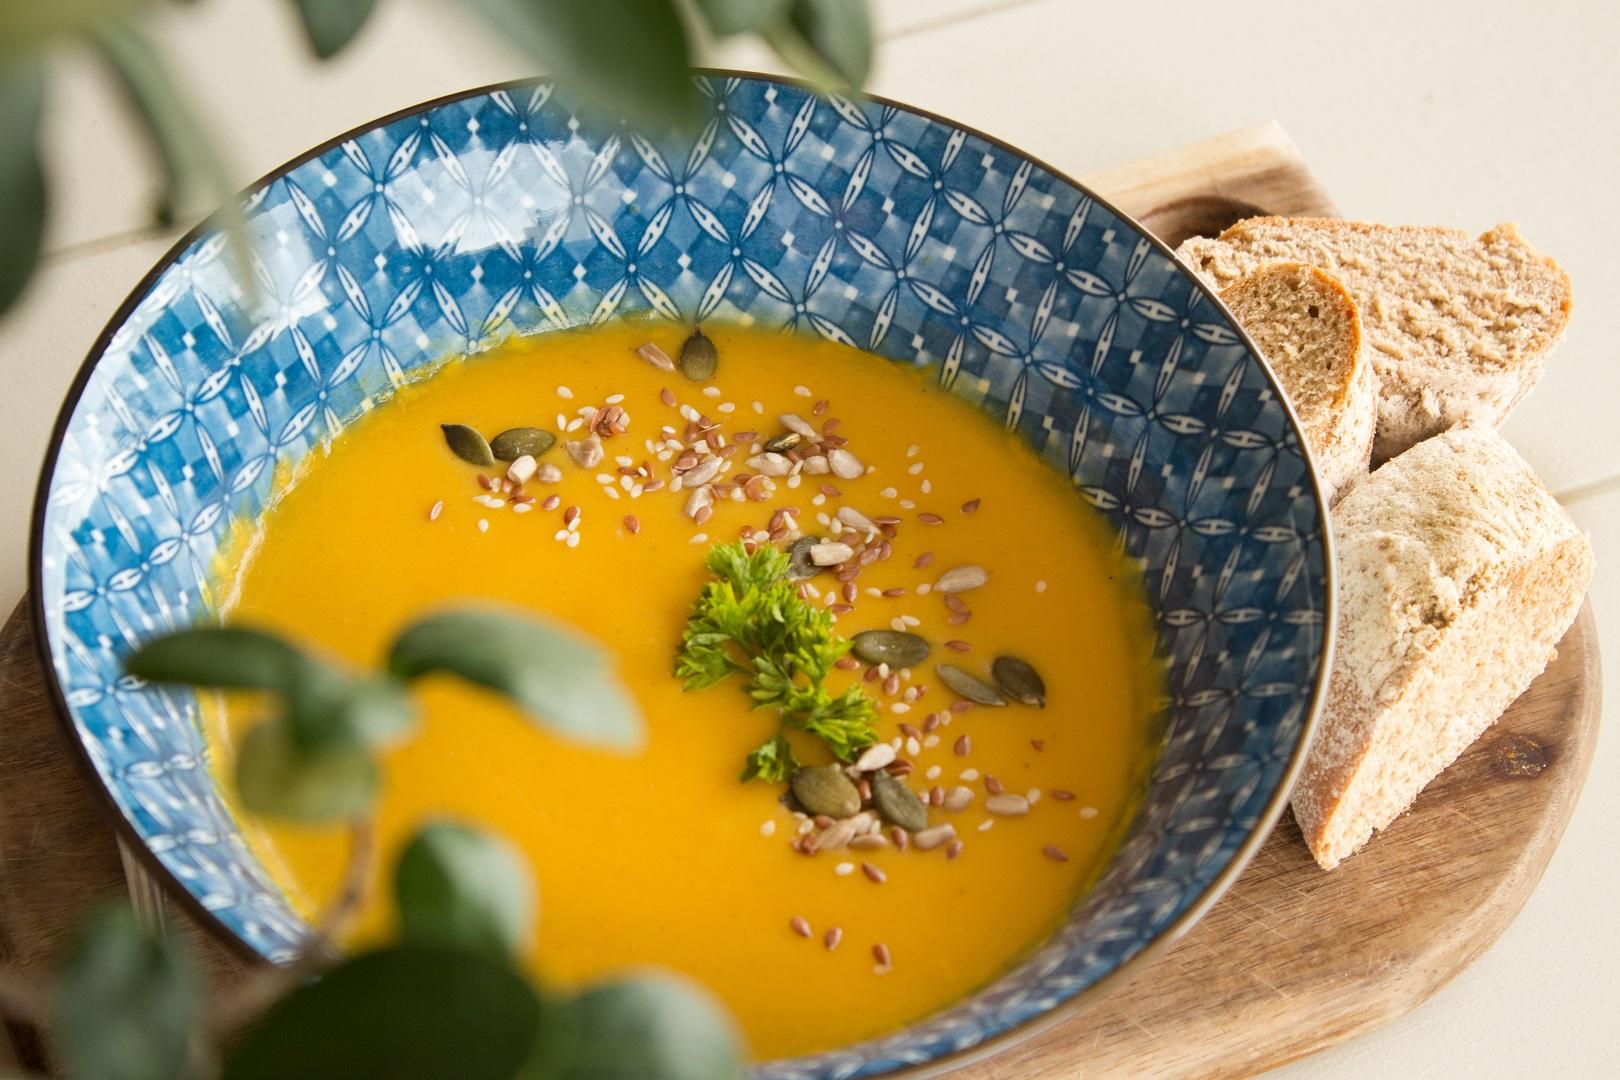 Onko ruuan lämpötilalla merkitystä hyvinvoinnille?